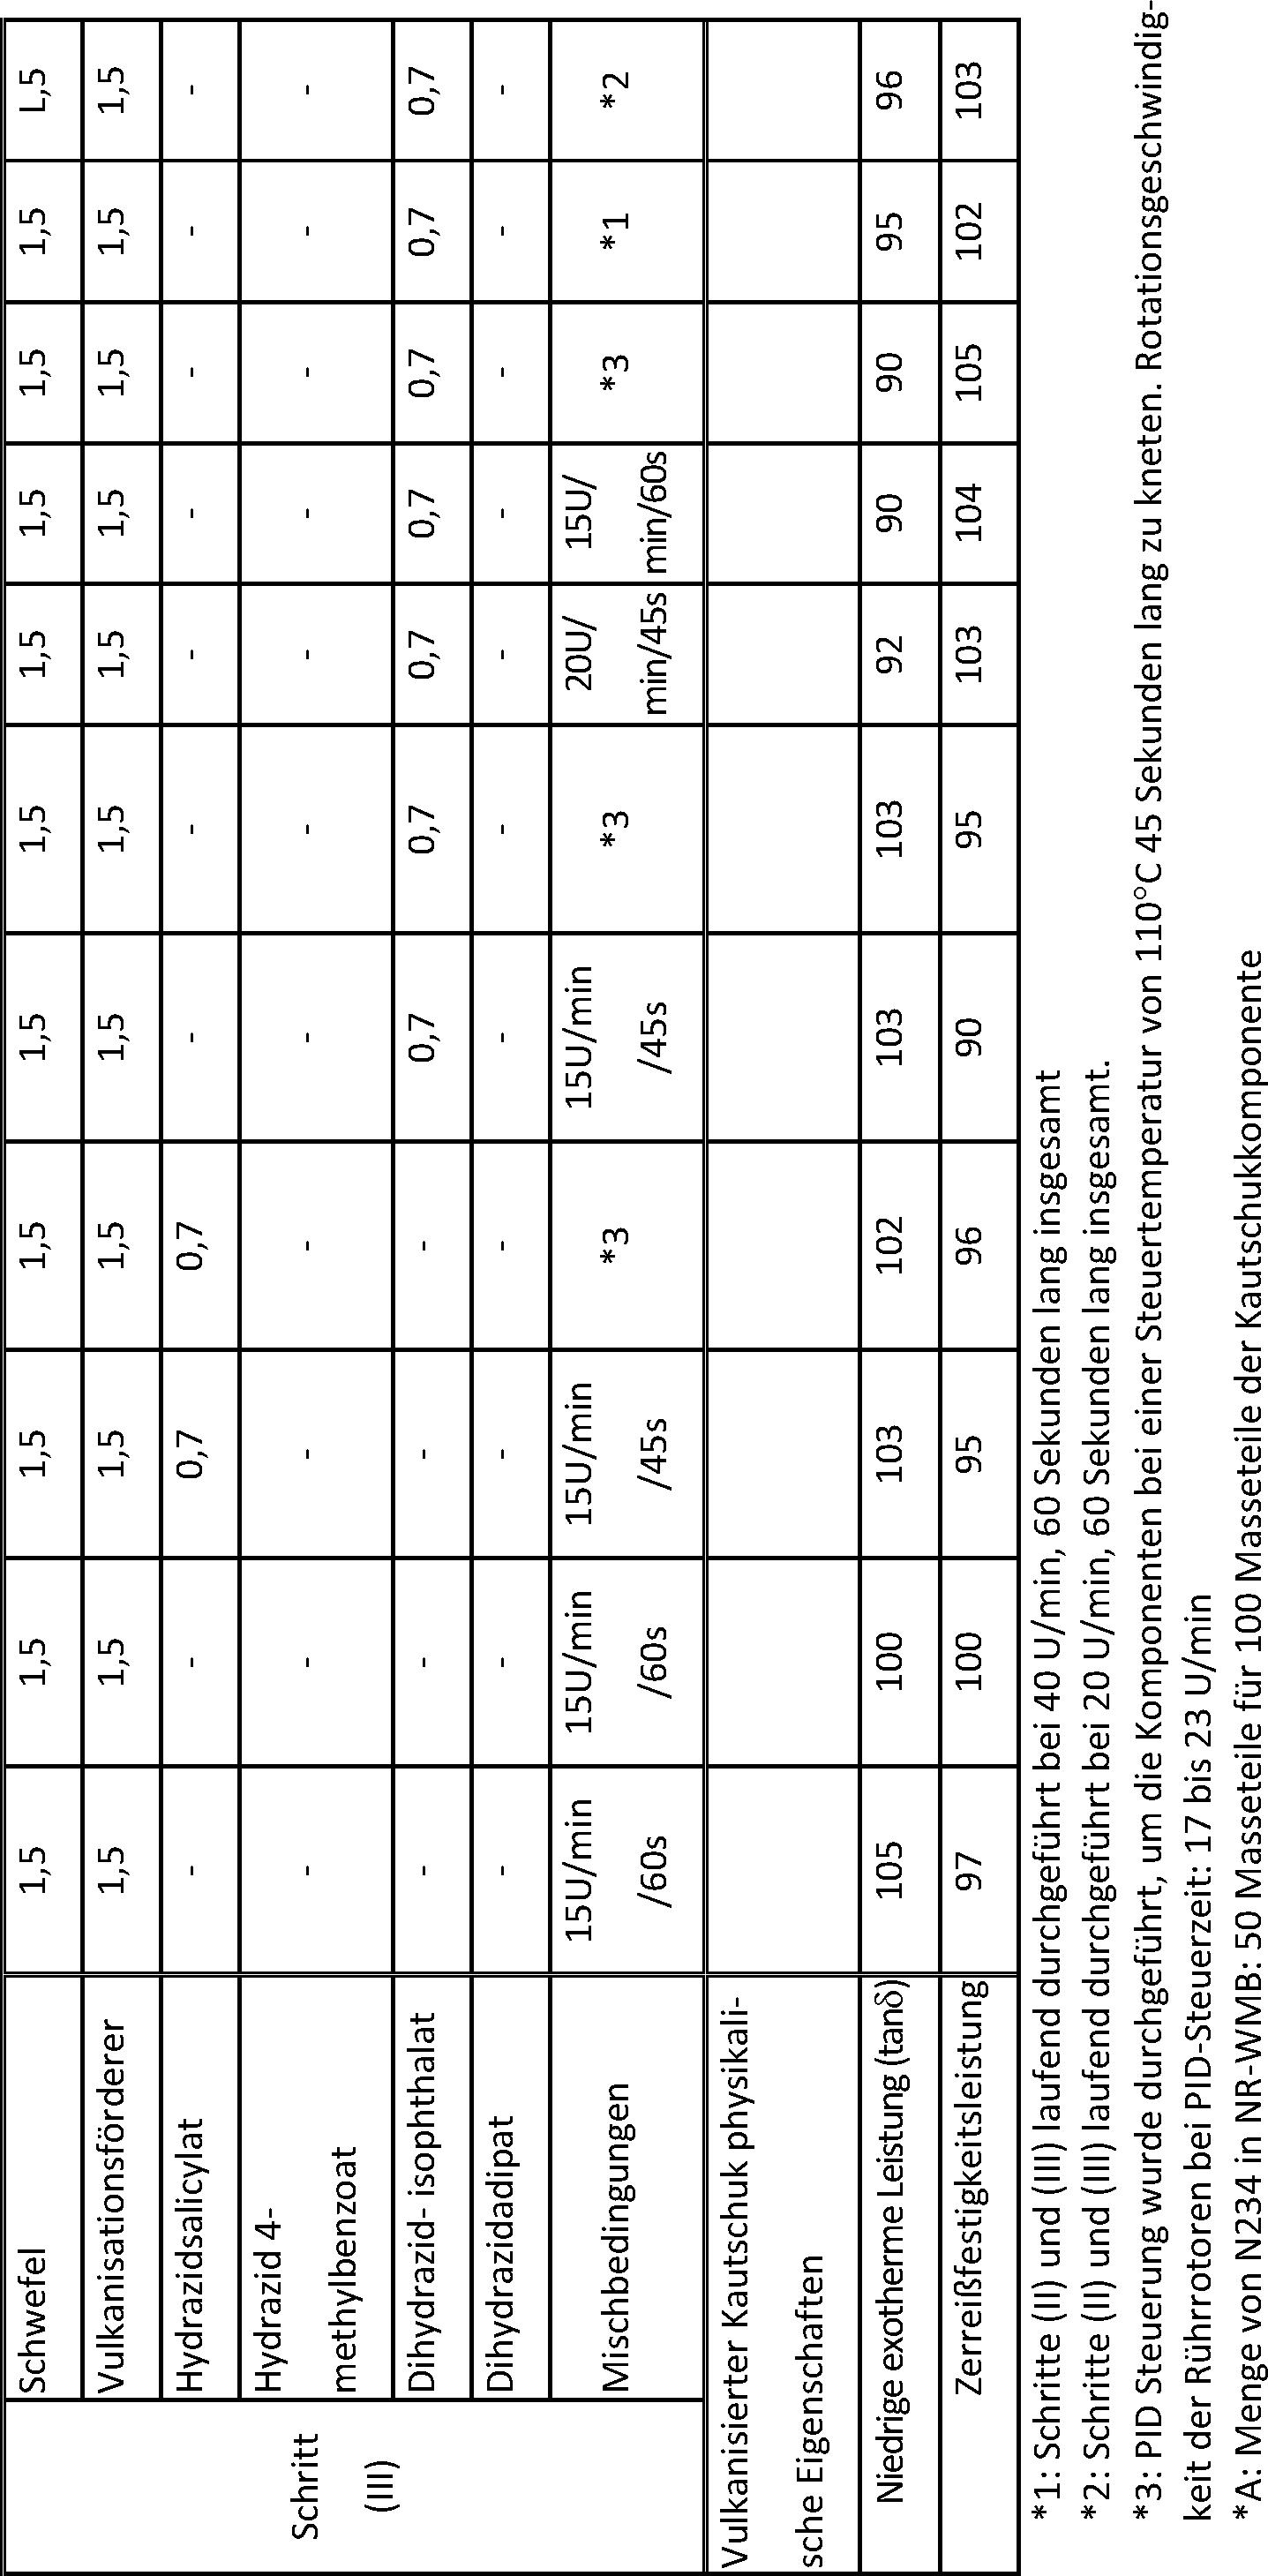 Figure DE112014005088T5_0002